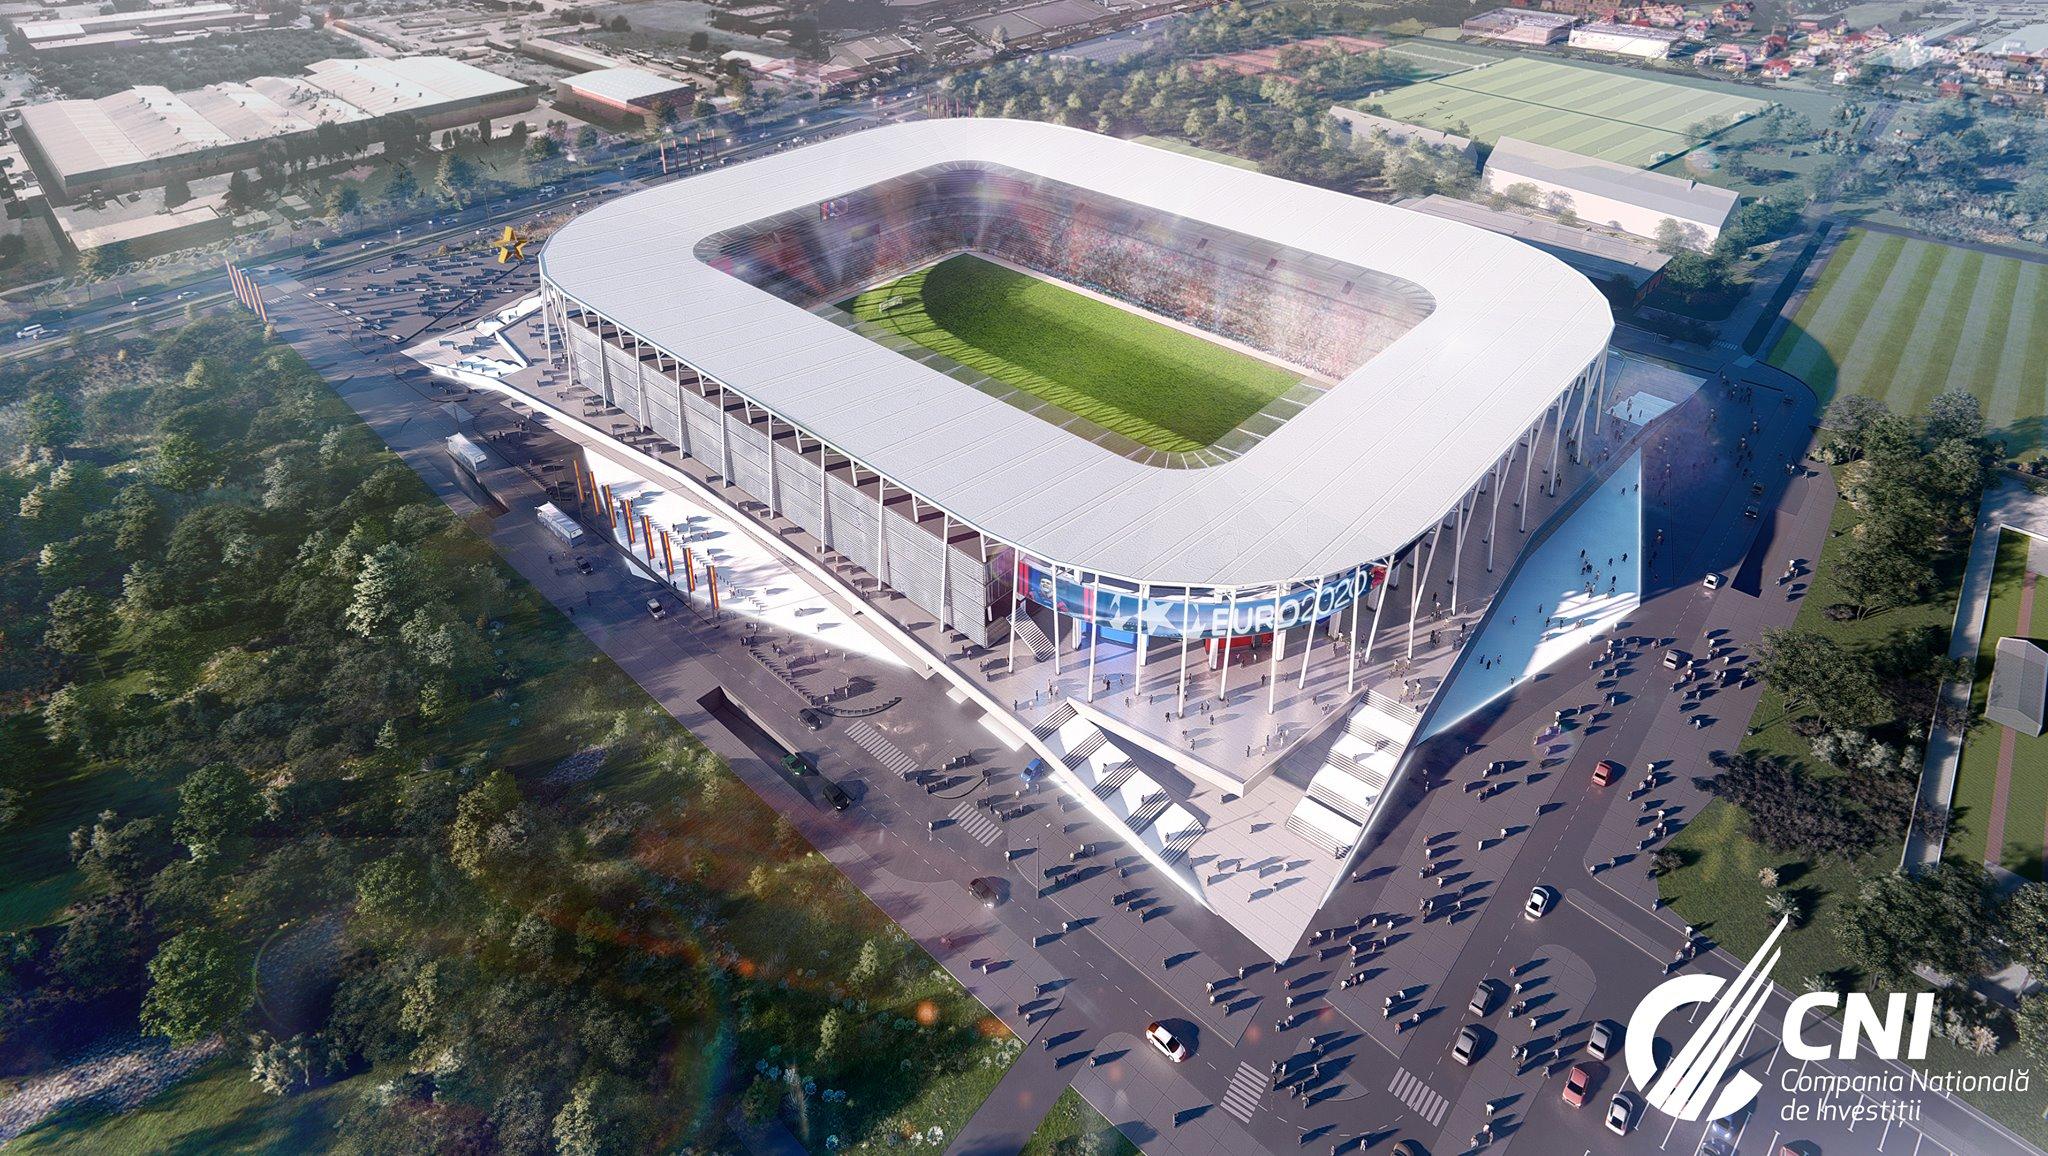 FOTO. Cum vor arata stadioanele pe care se vor antrena fotbaliştii de la EURO 2020